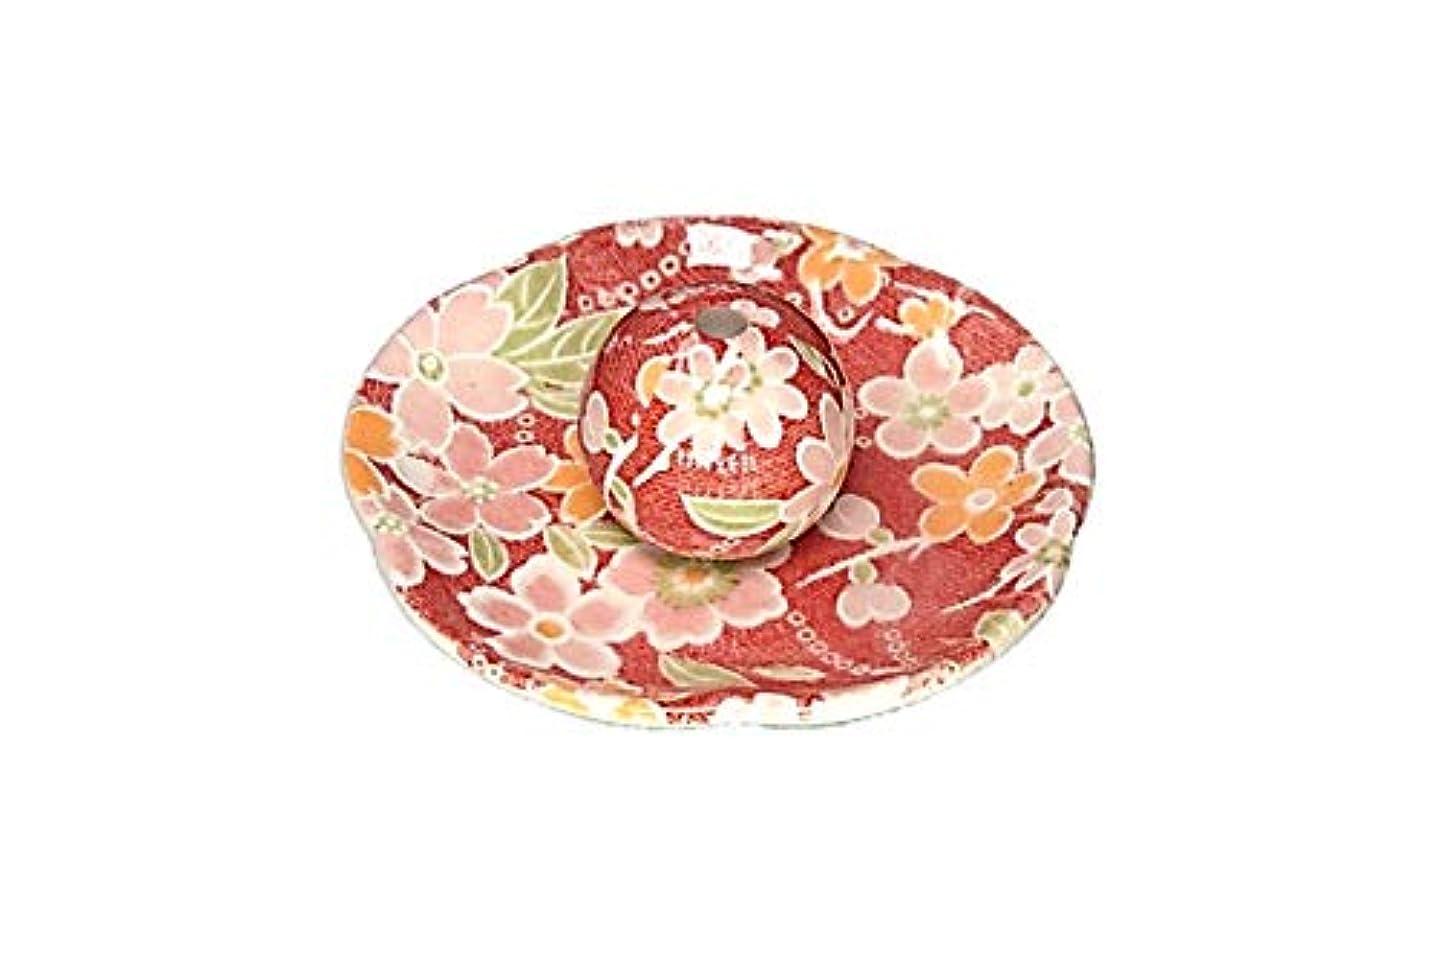 ストレスの多い法律により意図する都友禅 花形香皿 お香立て お香たて 陶器 美濃焼 ACSWEBSHOPオリジナル